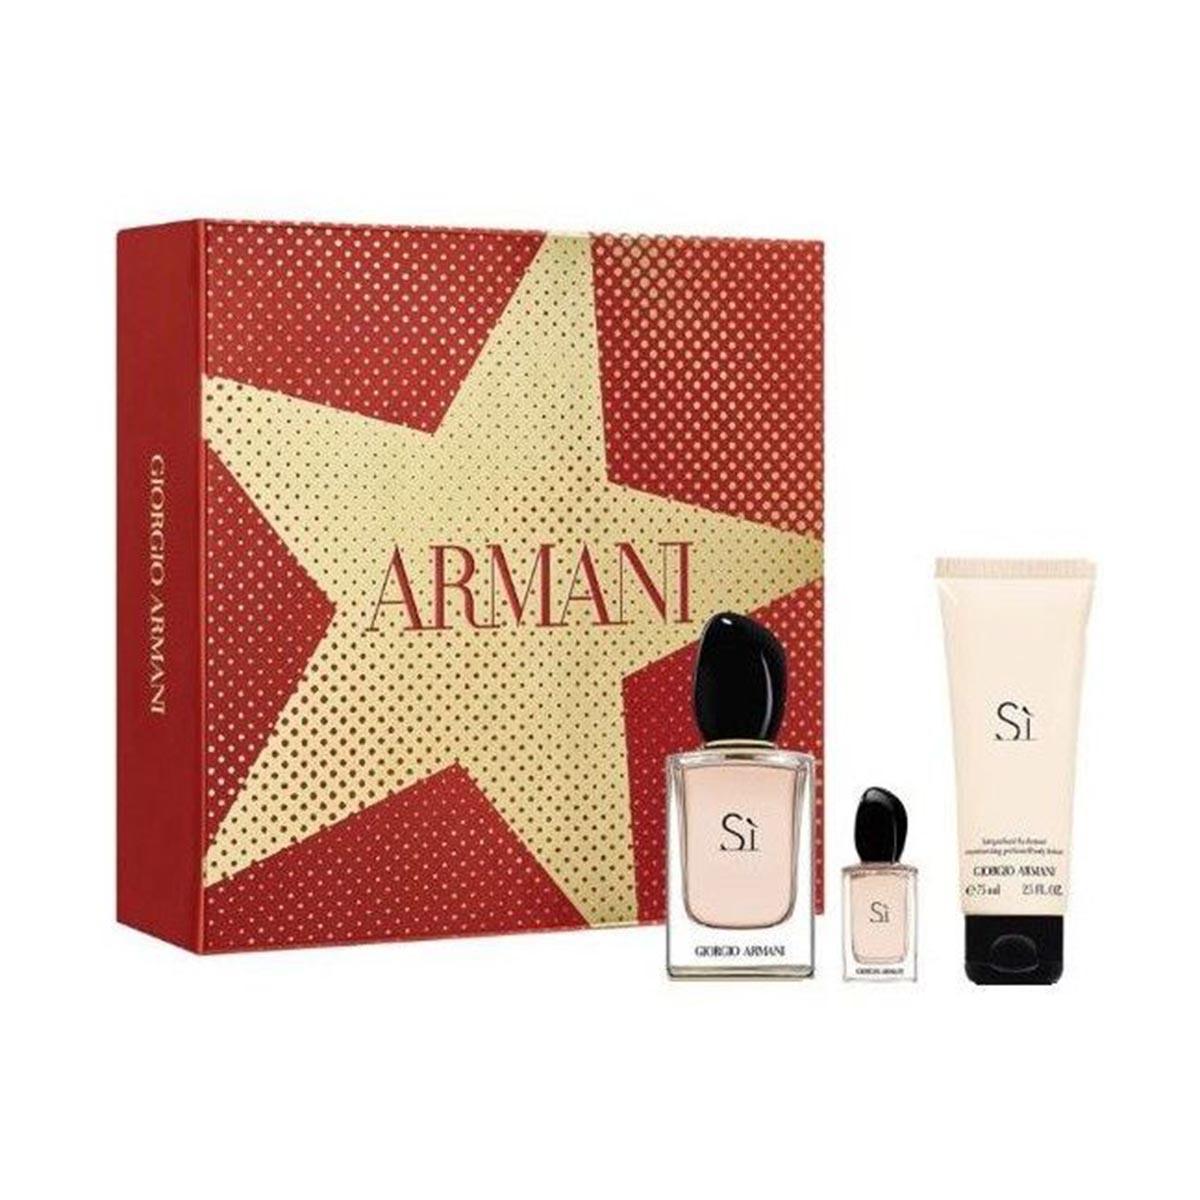 Giorgio armani si eau de parfum 50ml vaporizador perfumed body lotion 75ml miniatura 15ml vaporizador